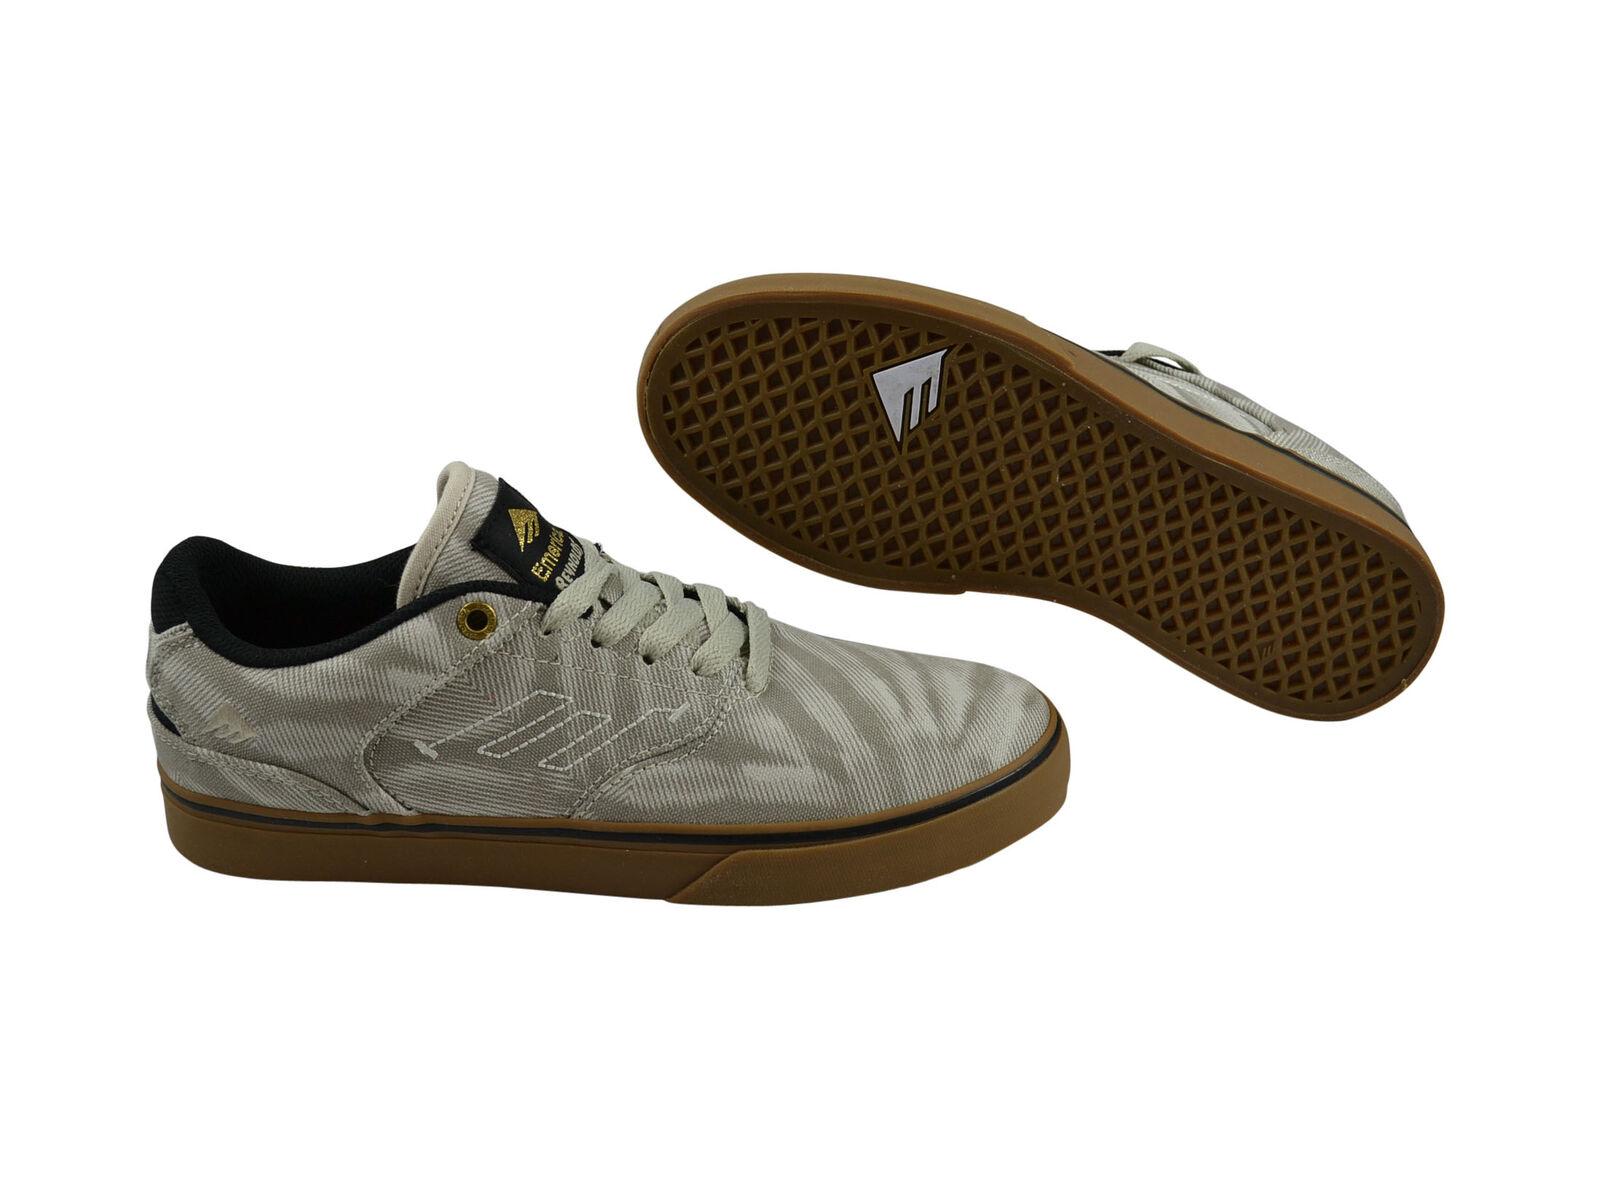 Los zapatos más populares para hombres y mujeres Emerica the Reynolds low vulc tan/Gum skater zapatos/cortos